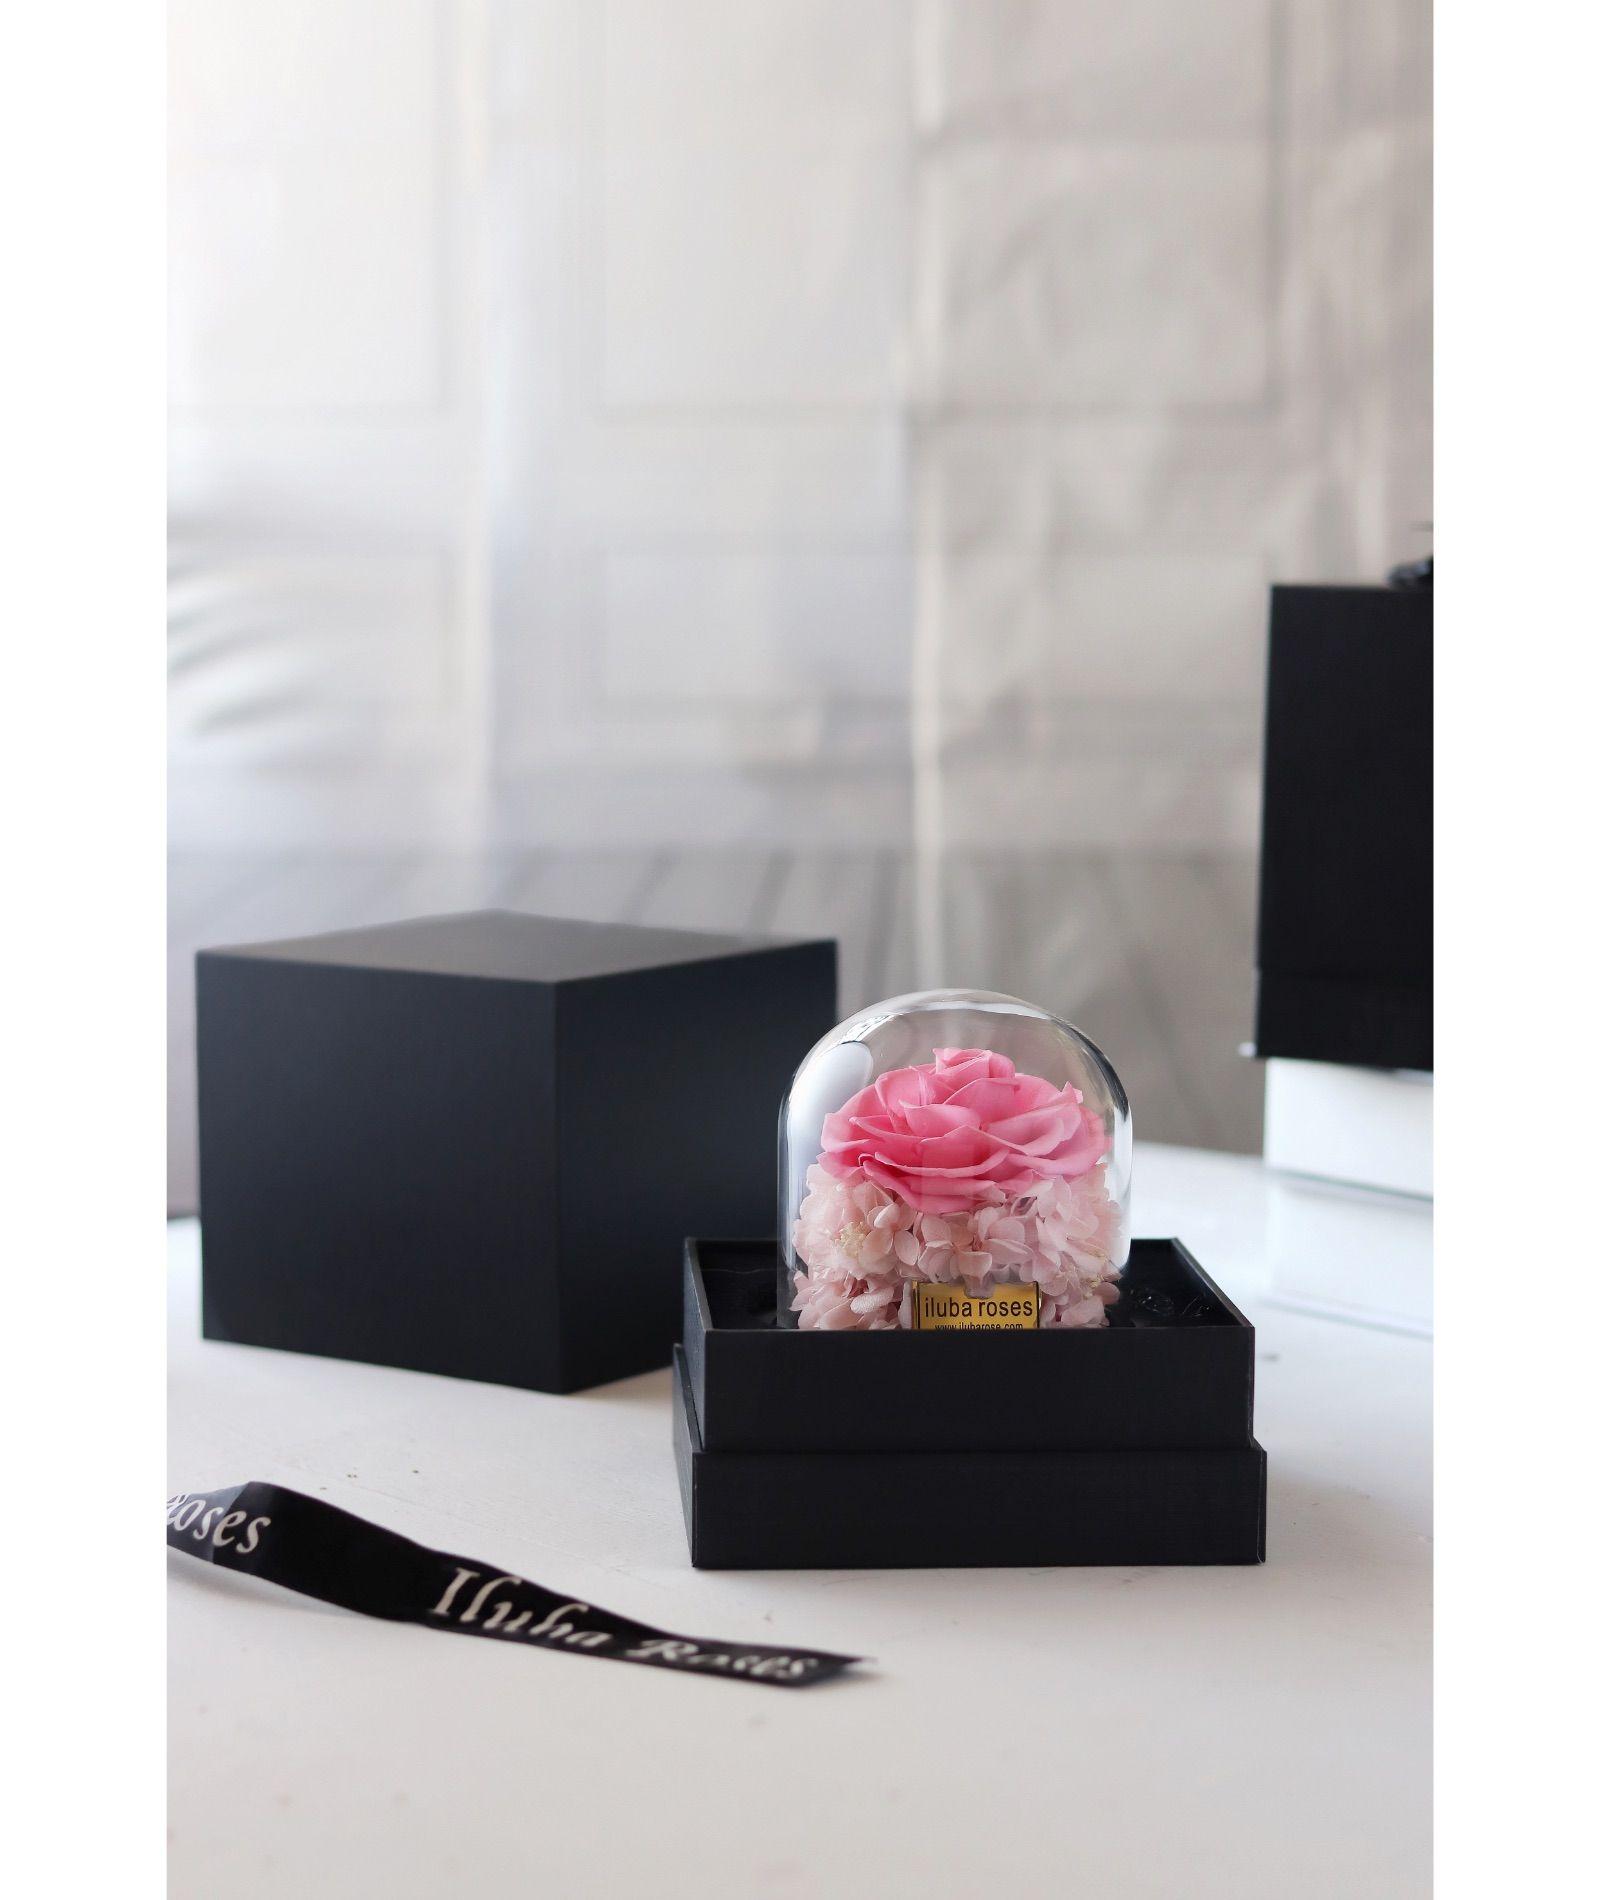 وردة ايلوبا روزز زهري دائمة داخل فازة زجاجية Decorative Boxes Decor Home Decor